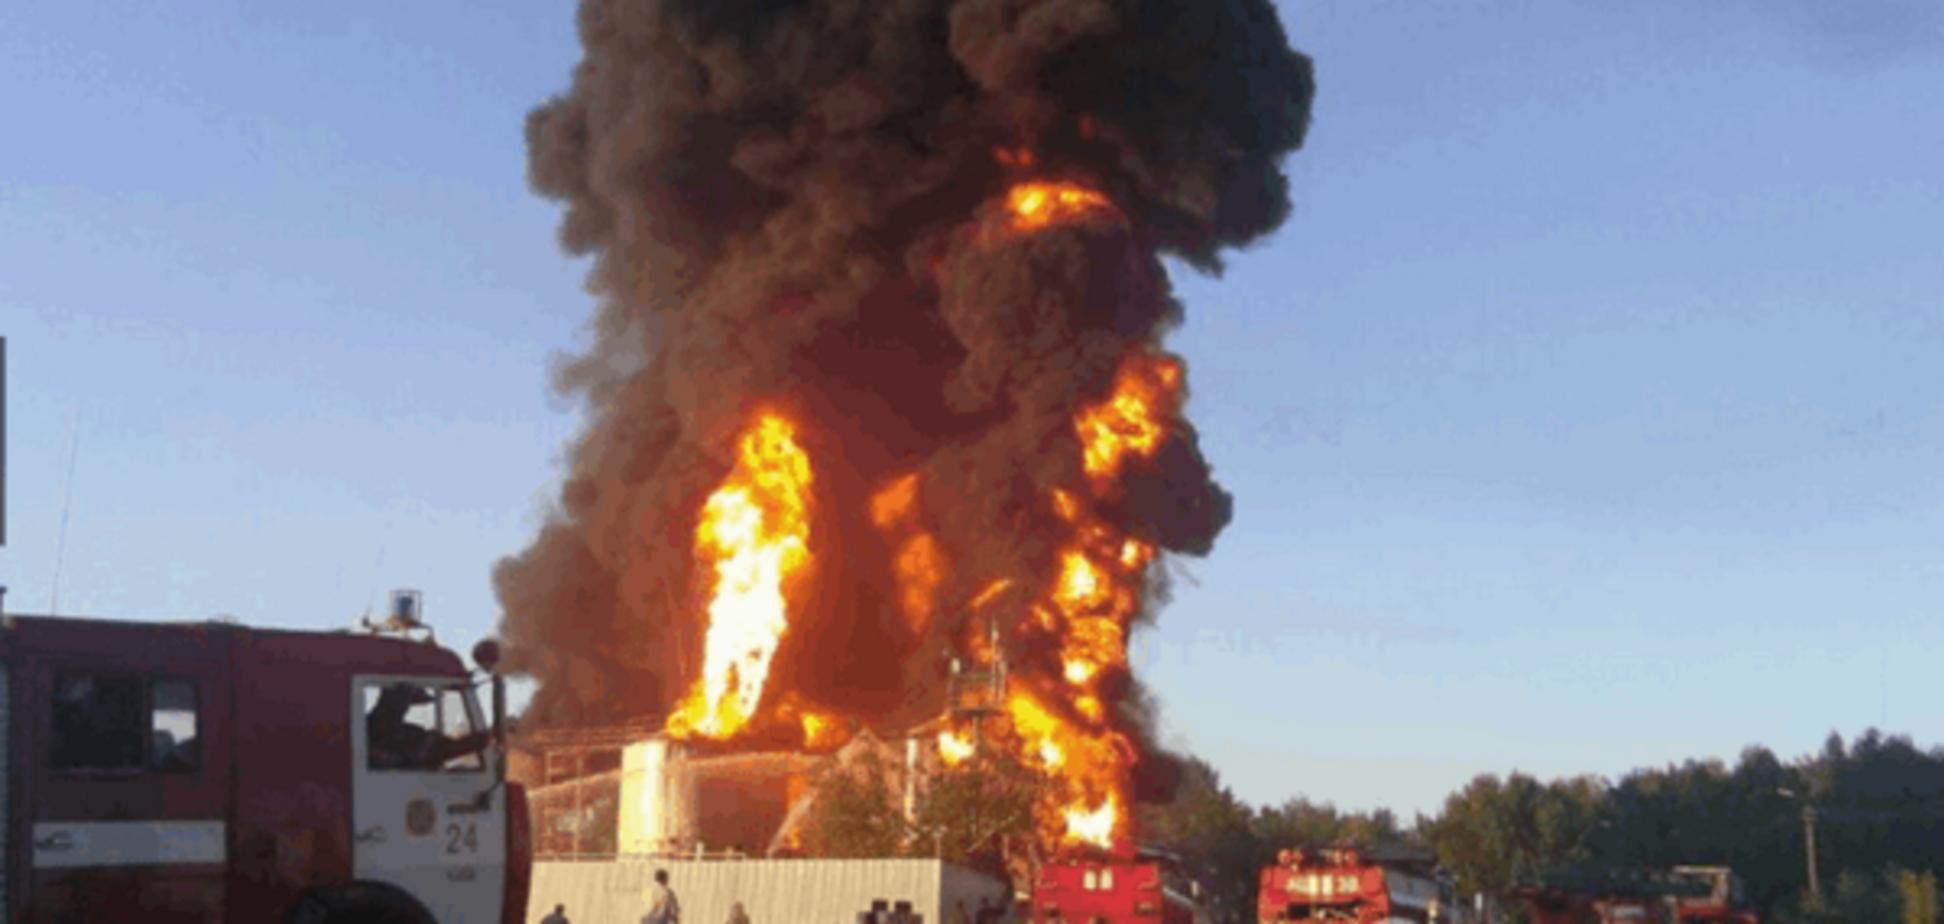 Пожар на нефтебазе 'БРСМ-Нафта' не нанес вреда окружающей среде - немецкие эксперты